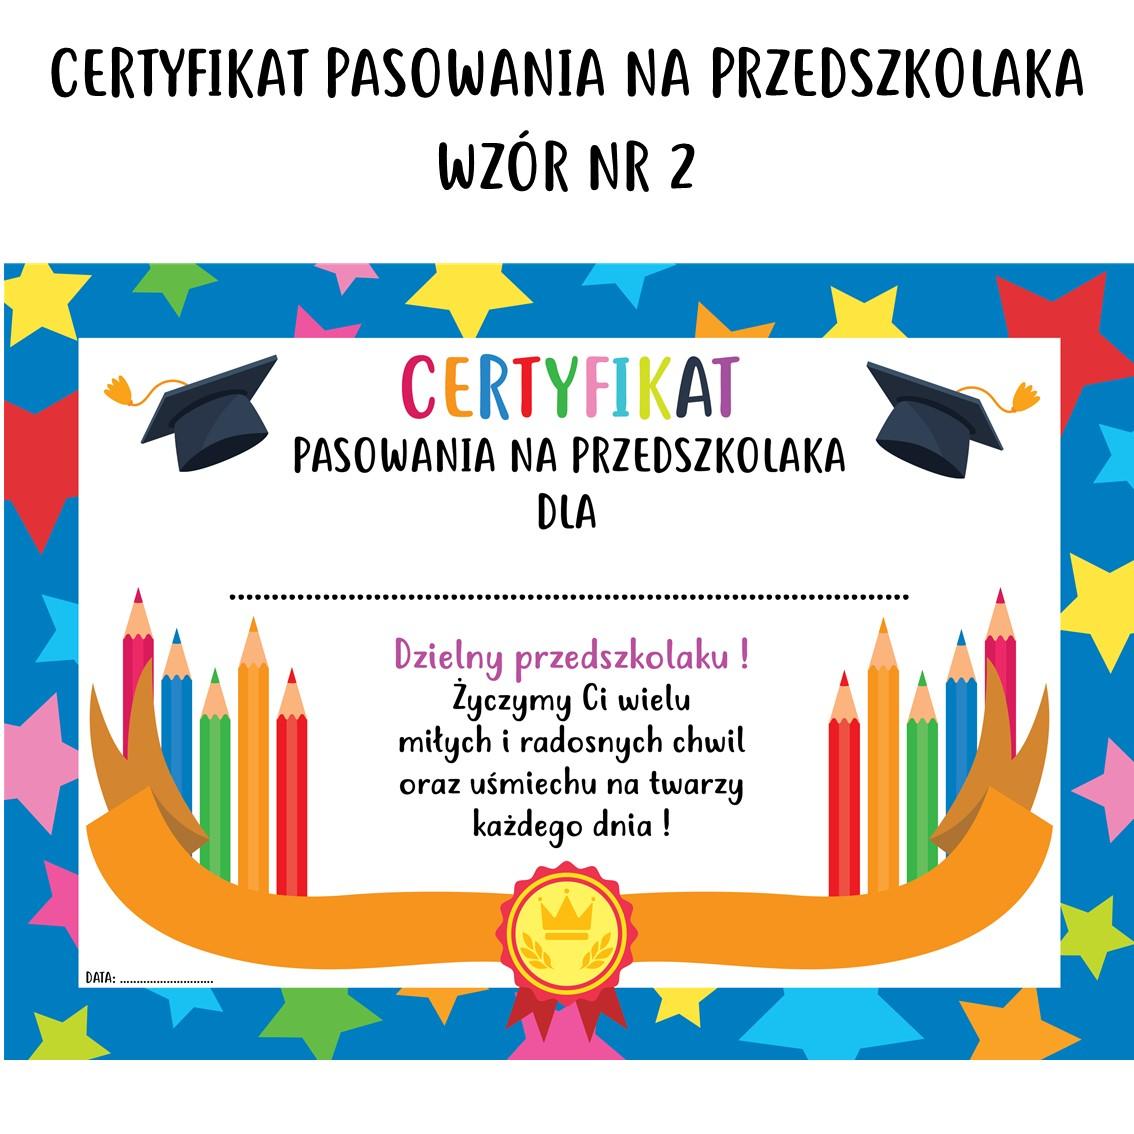 certyfikat pasowania na przedszkolaka wzór nr 2